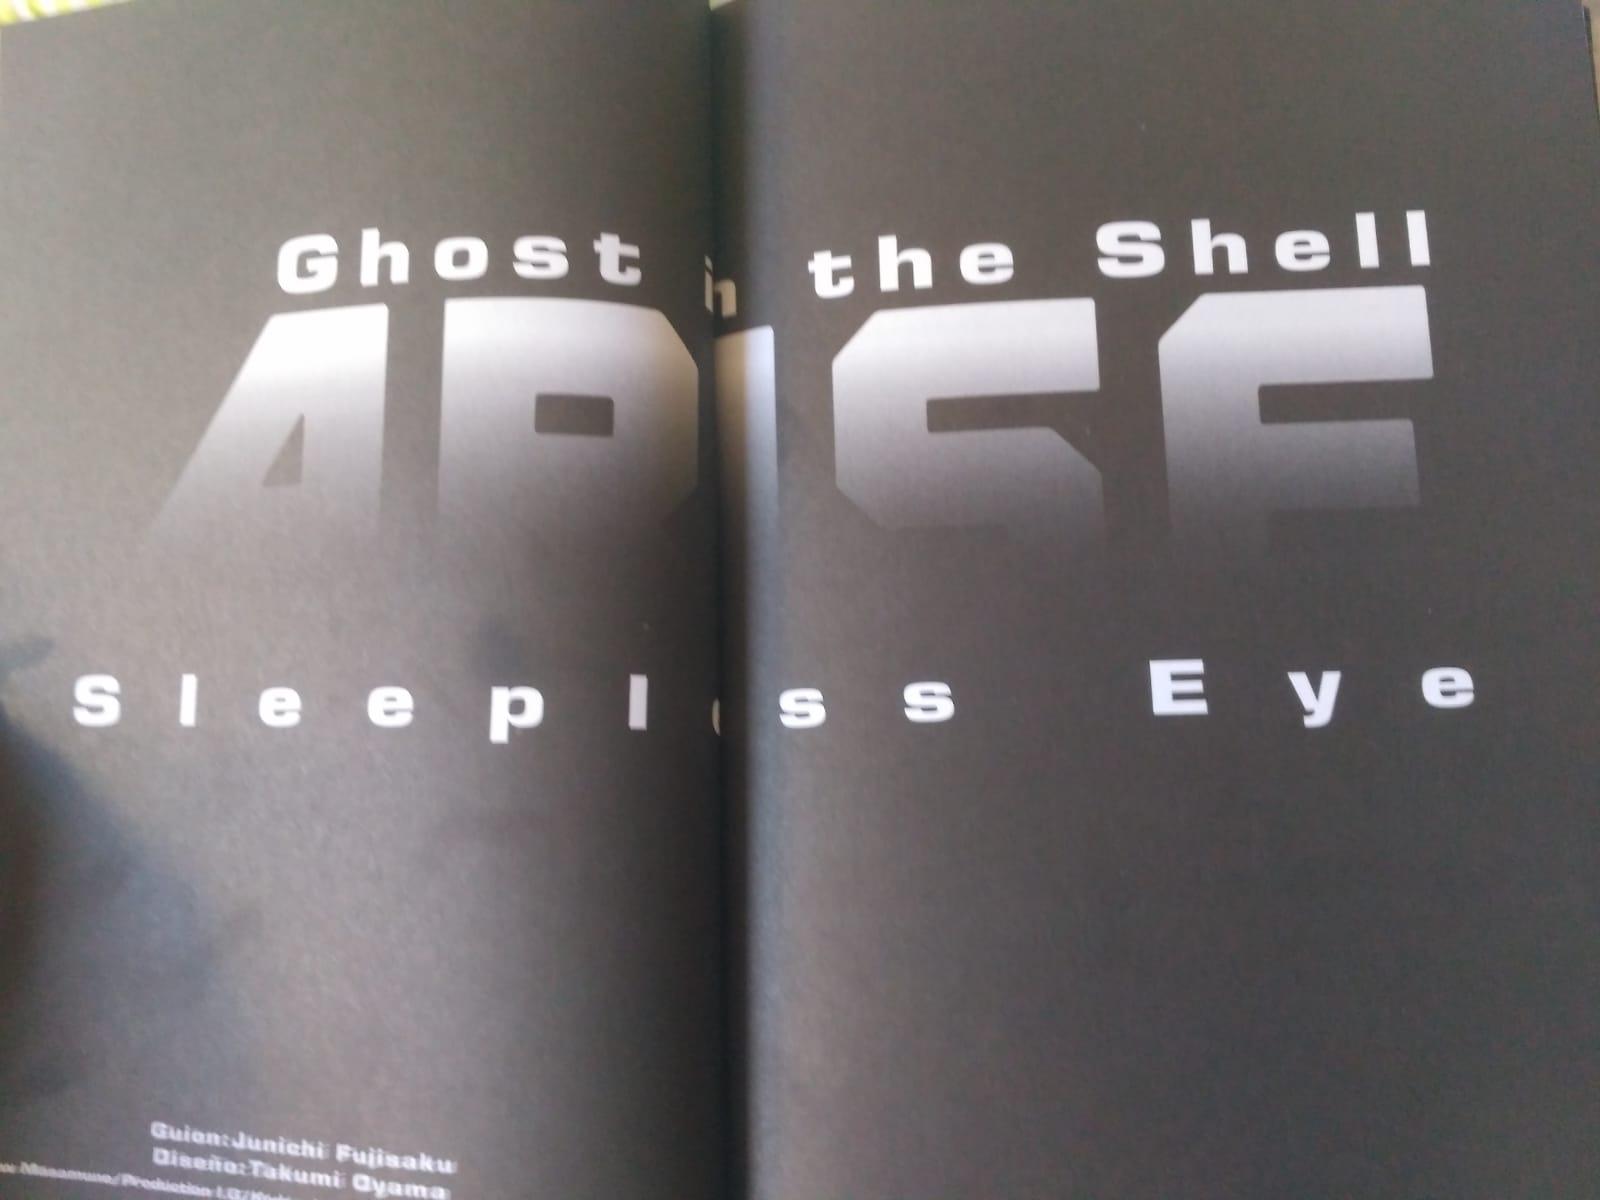 Ghost in the Shell: Arise #7 edición completa